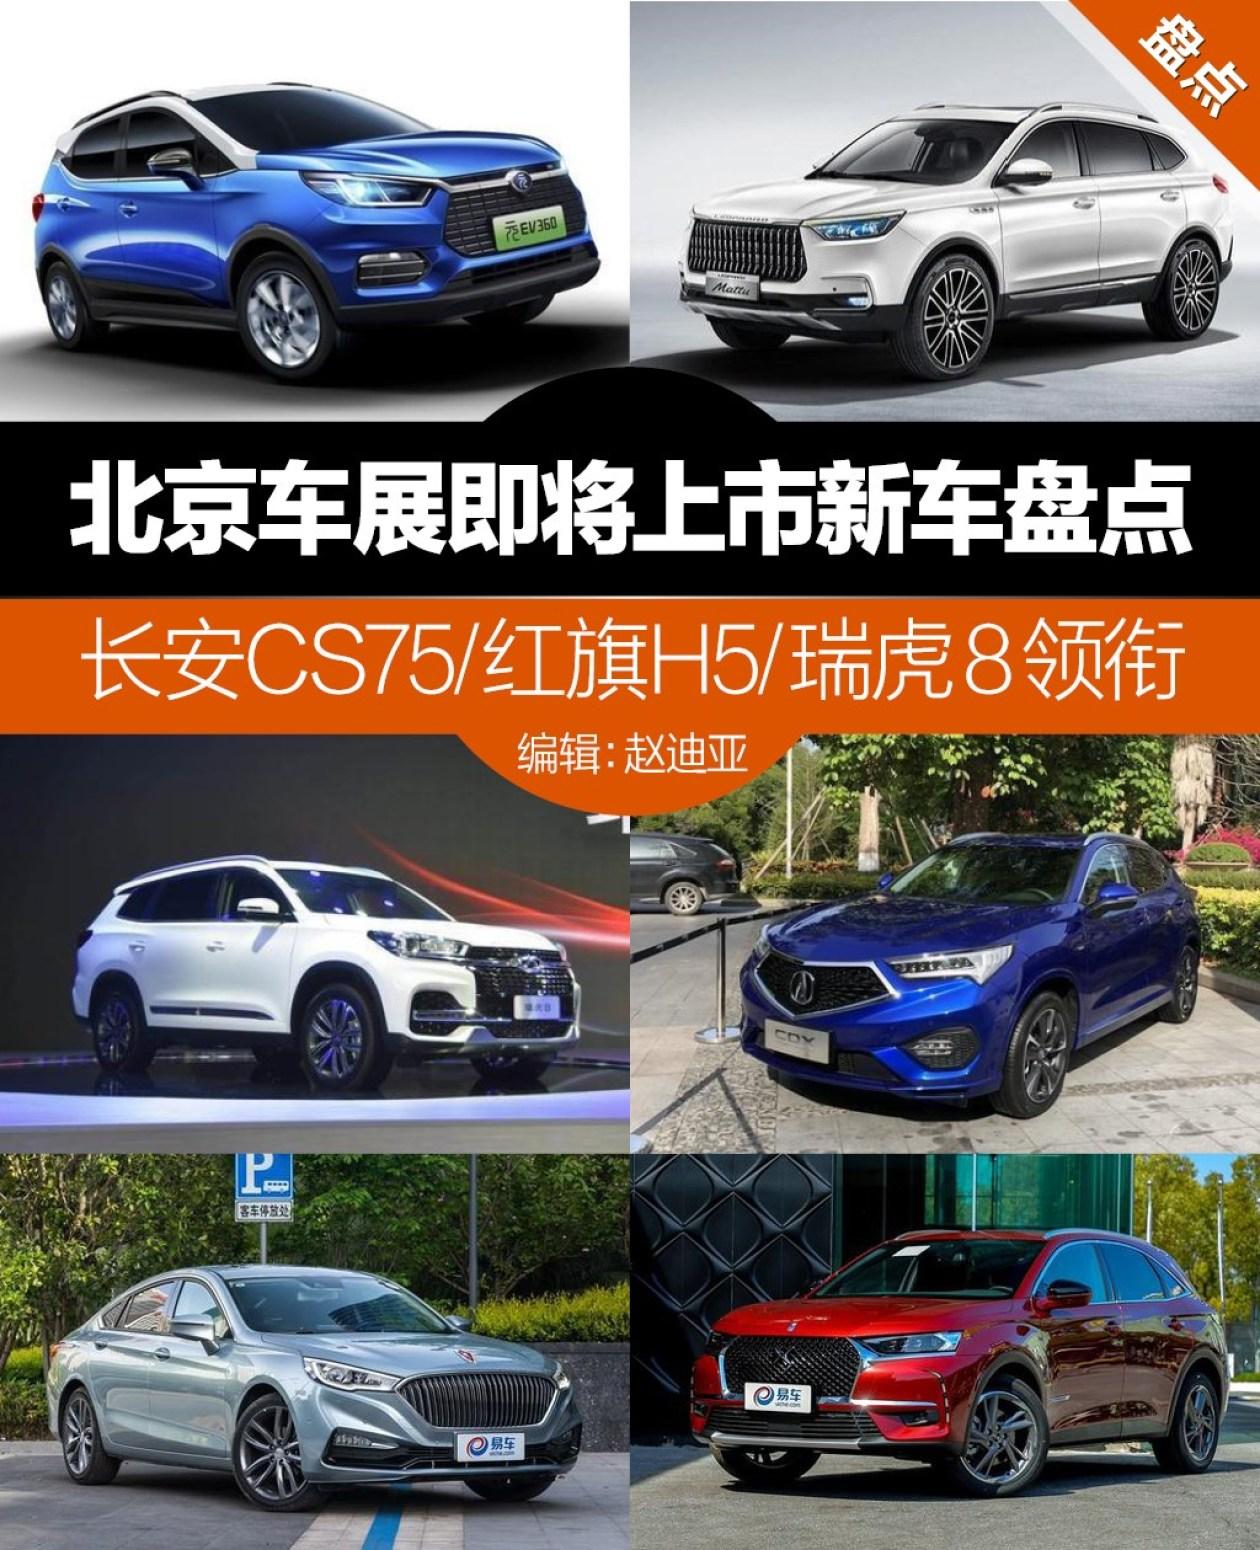 北京车展即将上市新车盘点 长安CS75/红旗H5/瑞虎8领衔